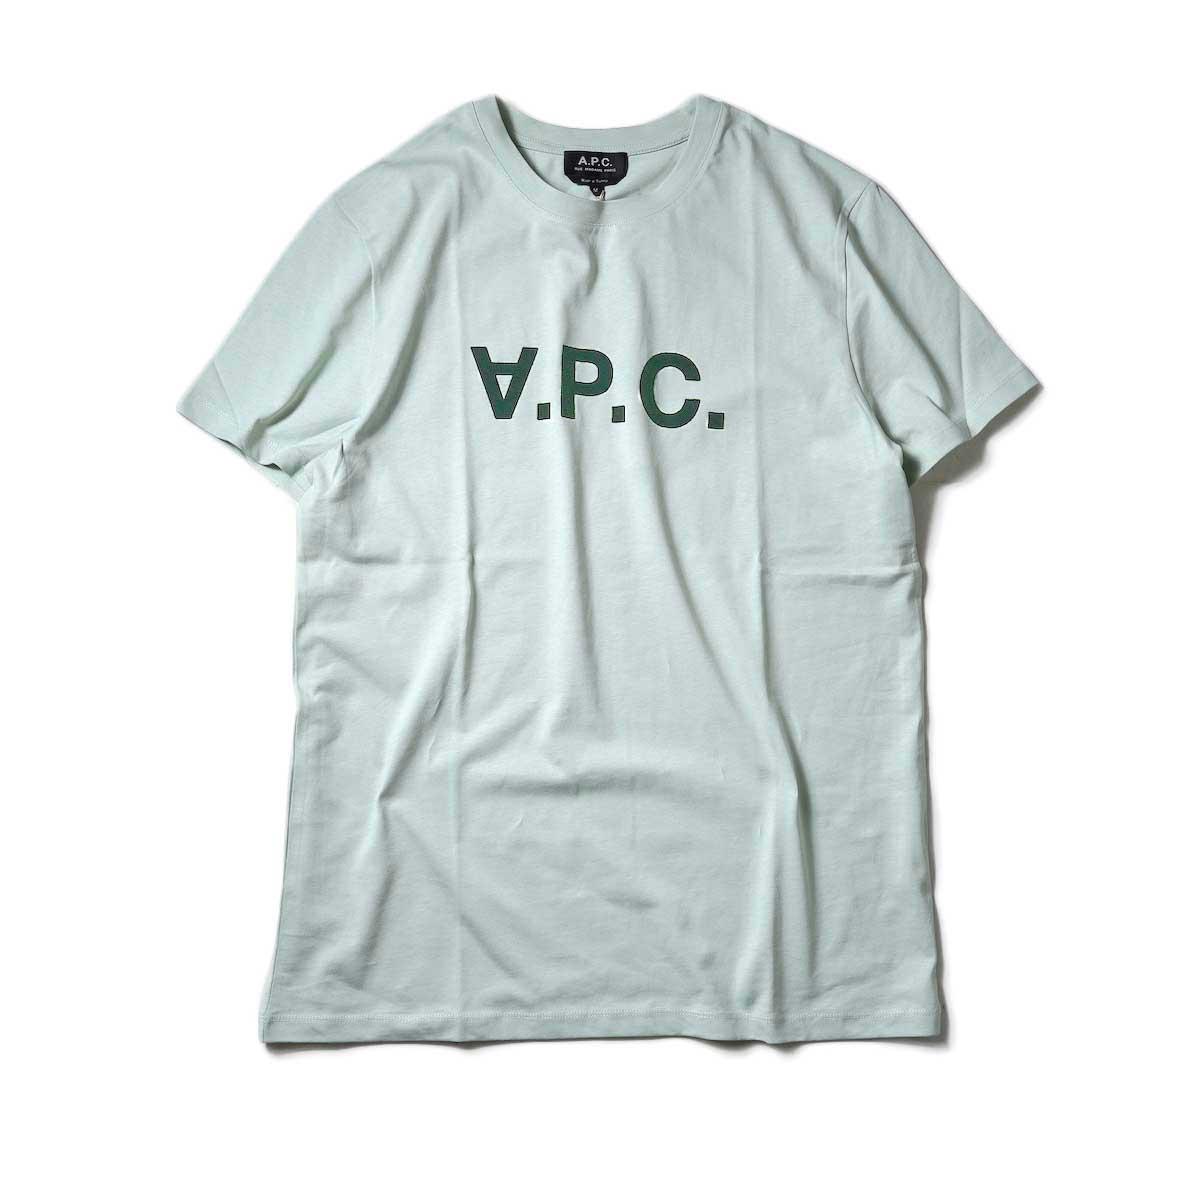 A.P.C. / VPC カラーTシャツ